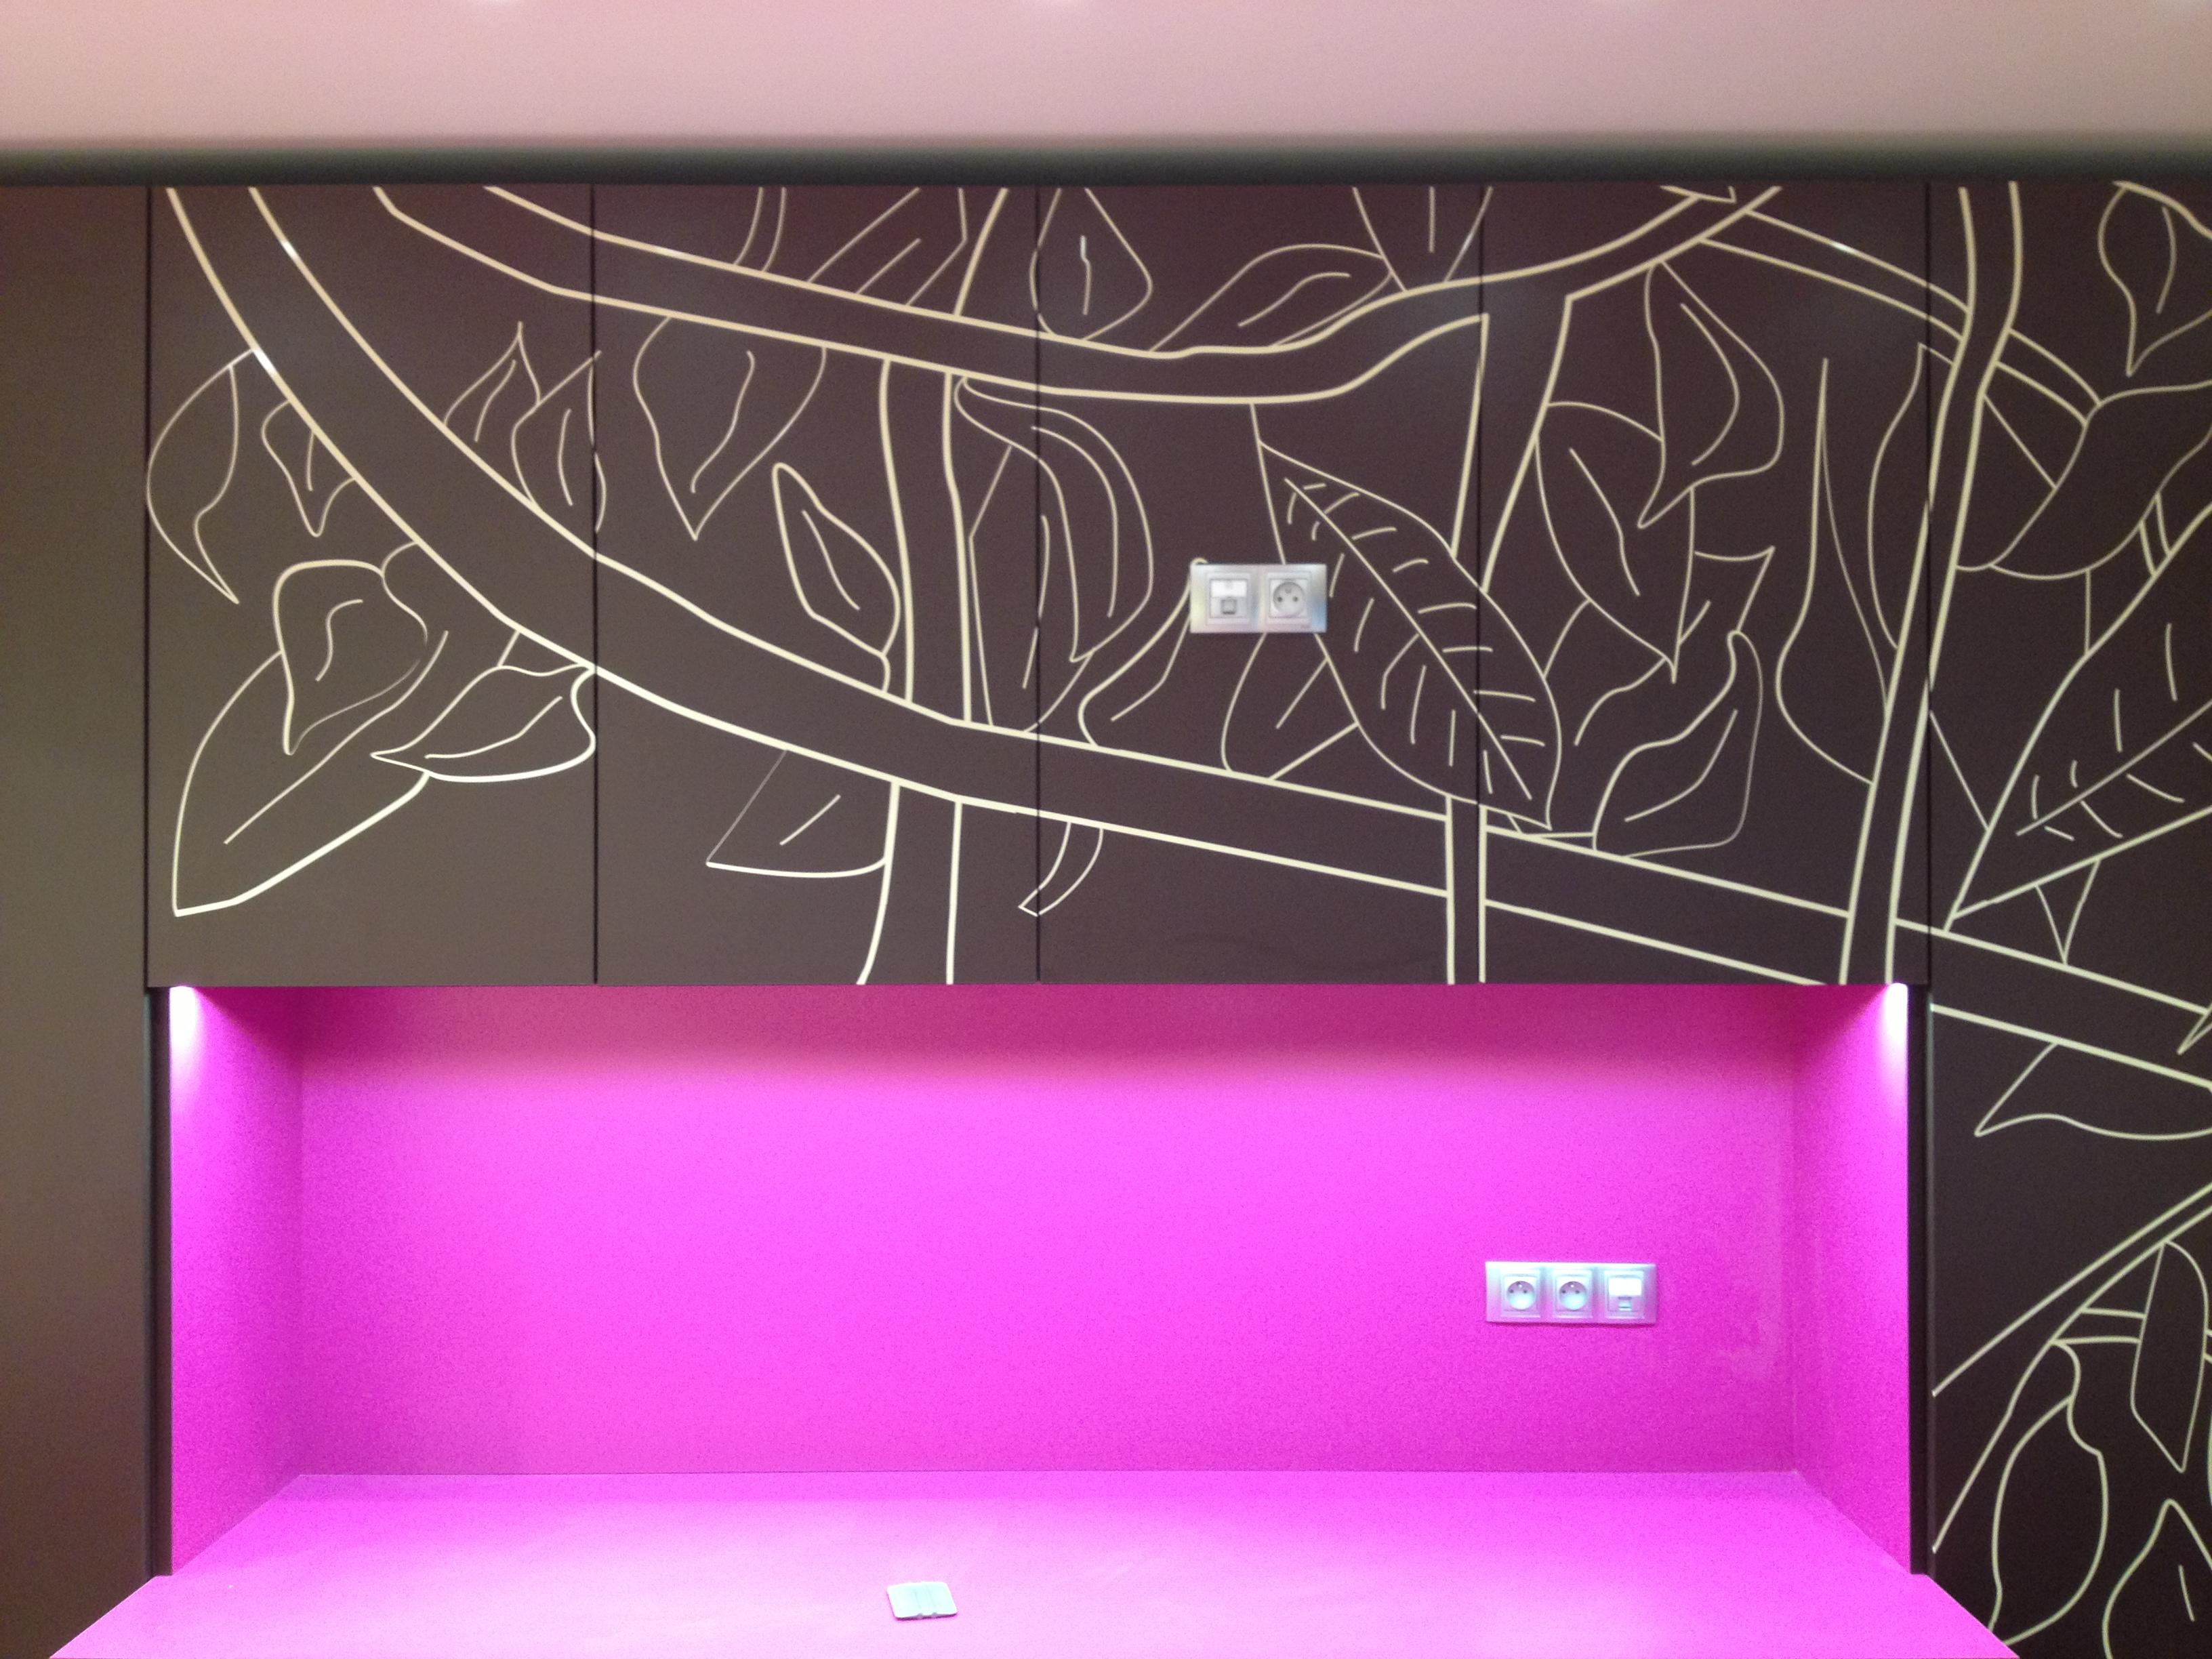 Neon De Decoration Interieur wall decoration - pano